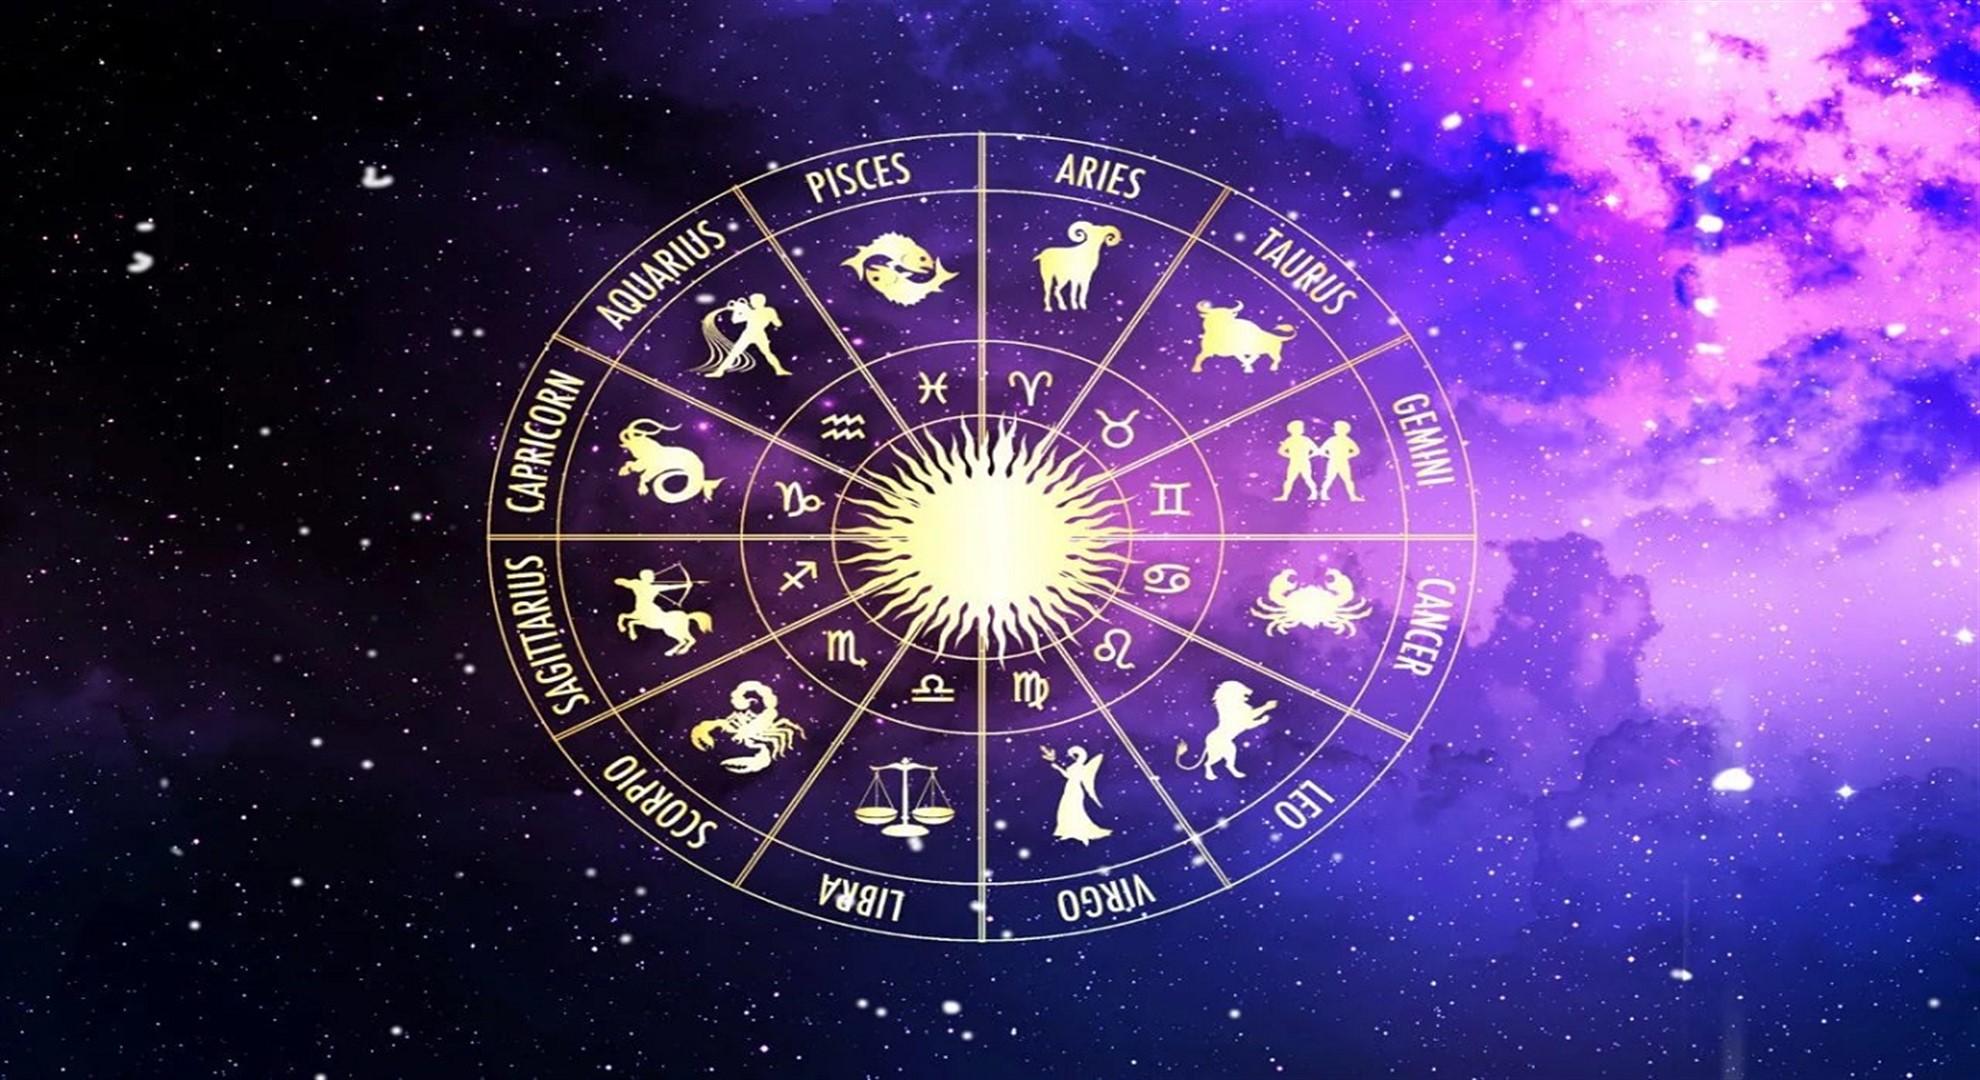 Horoscop marți 2 iunie 2020. Află ce zodii au probleme mari în această zi